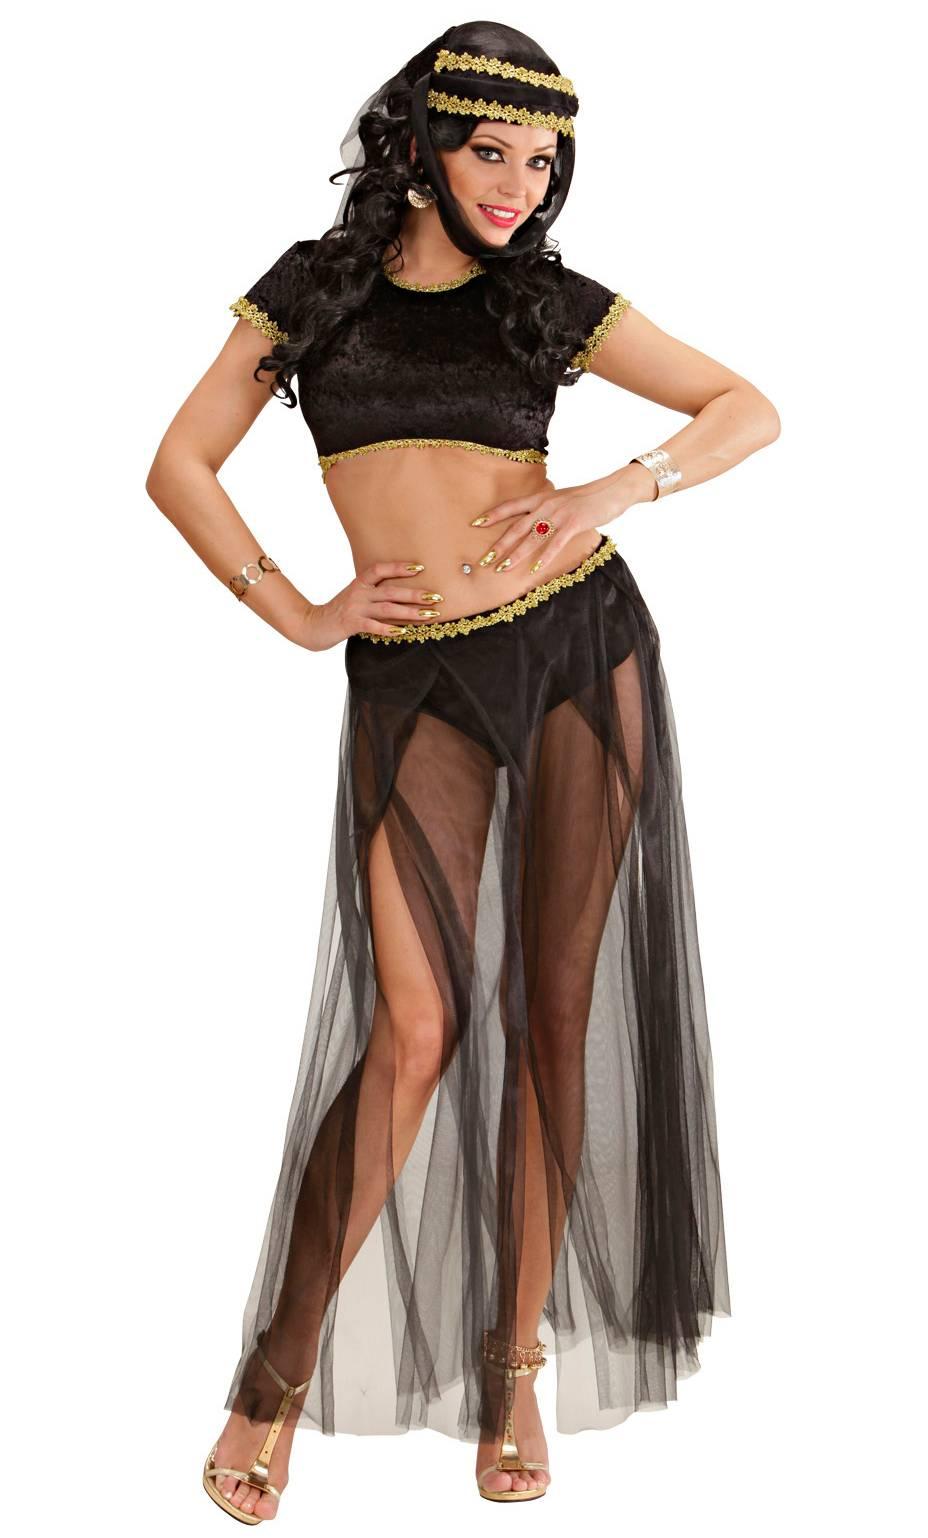 Costume-Danseuse-orientale-femme-2